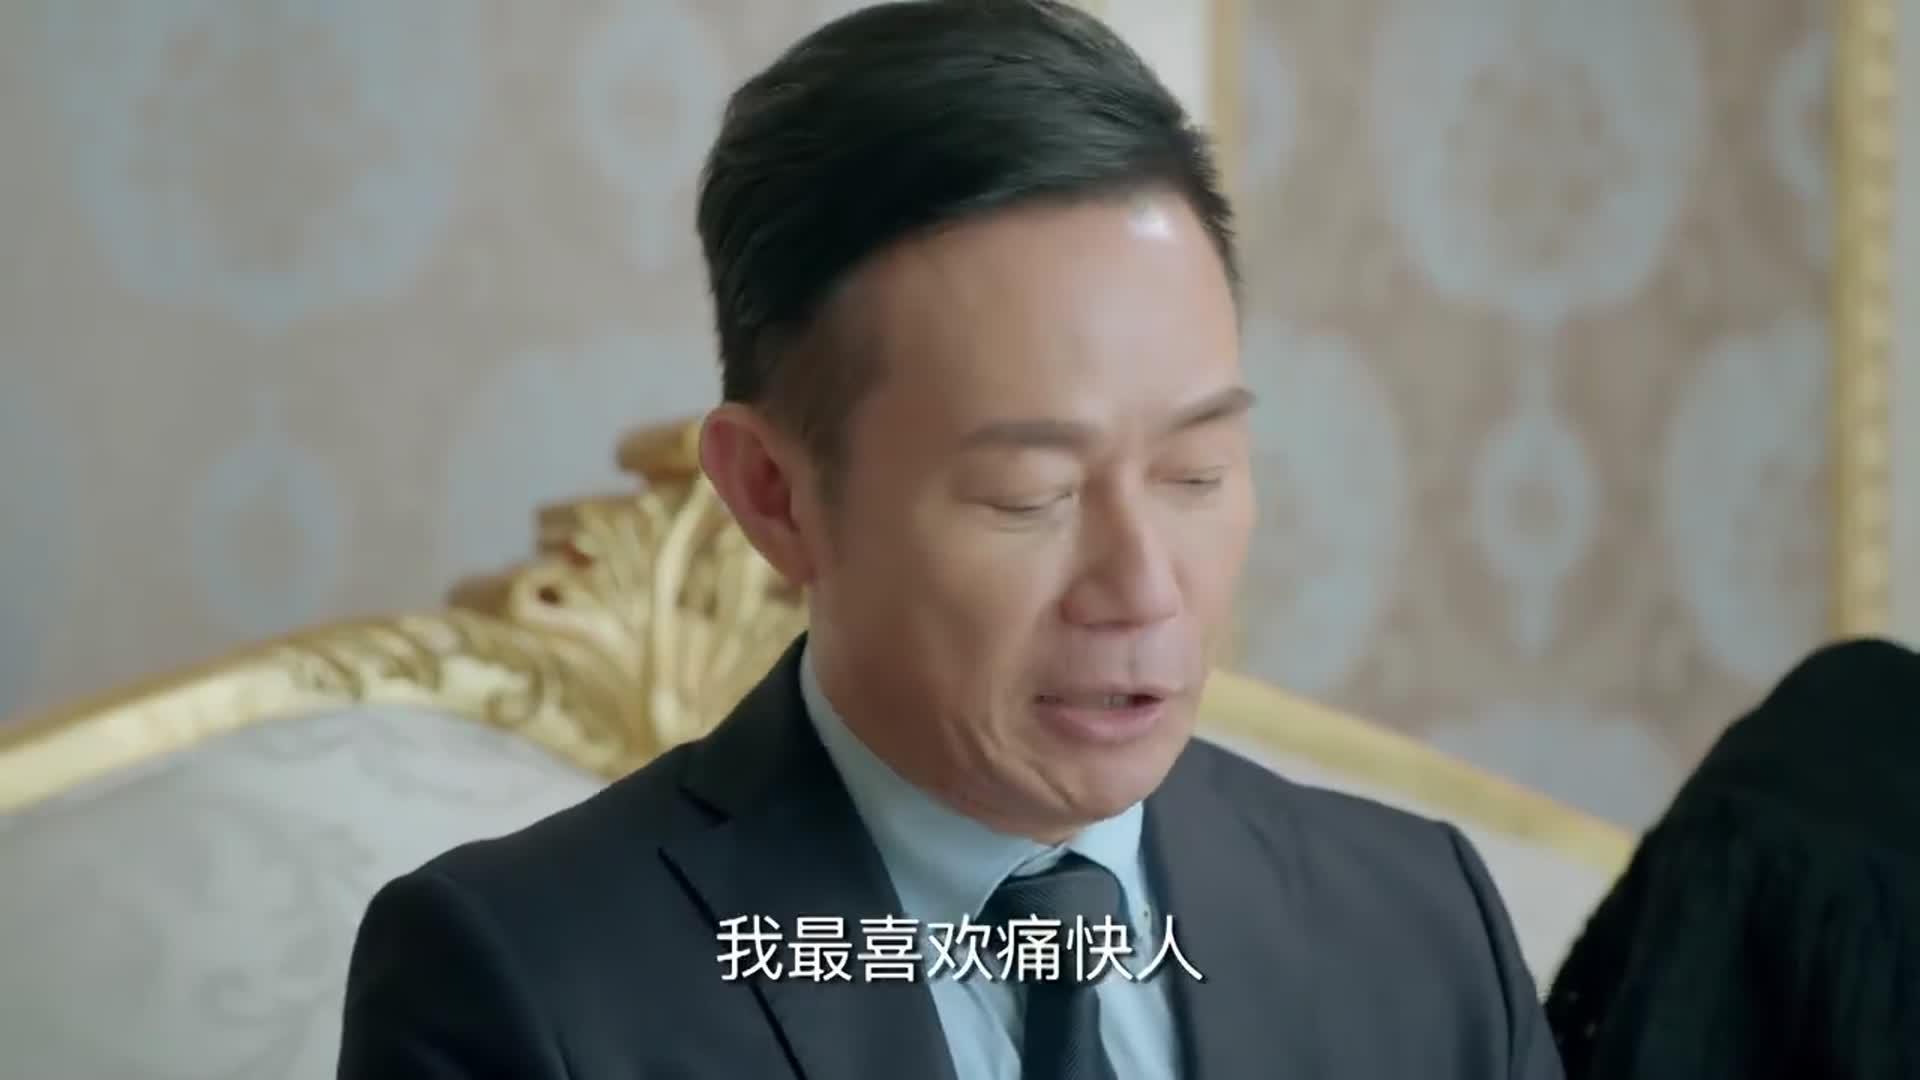 鸡毛:阮文雄向陈江河提出条件,试图吞并玉珠集团,双方不欢而散